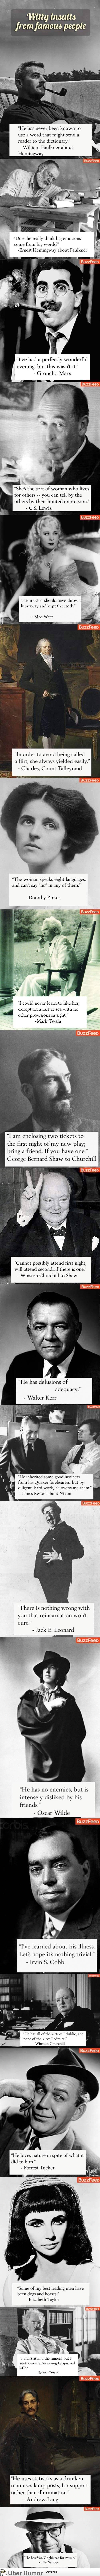 Famous witticisms